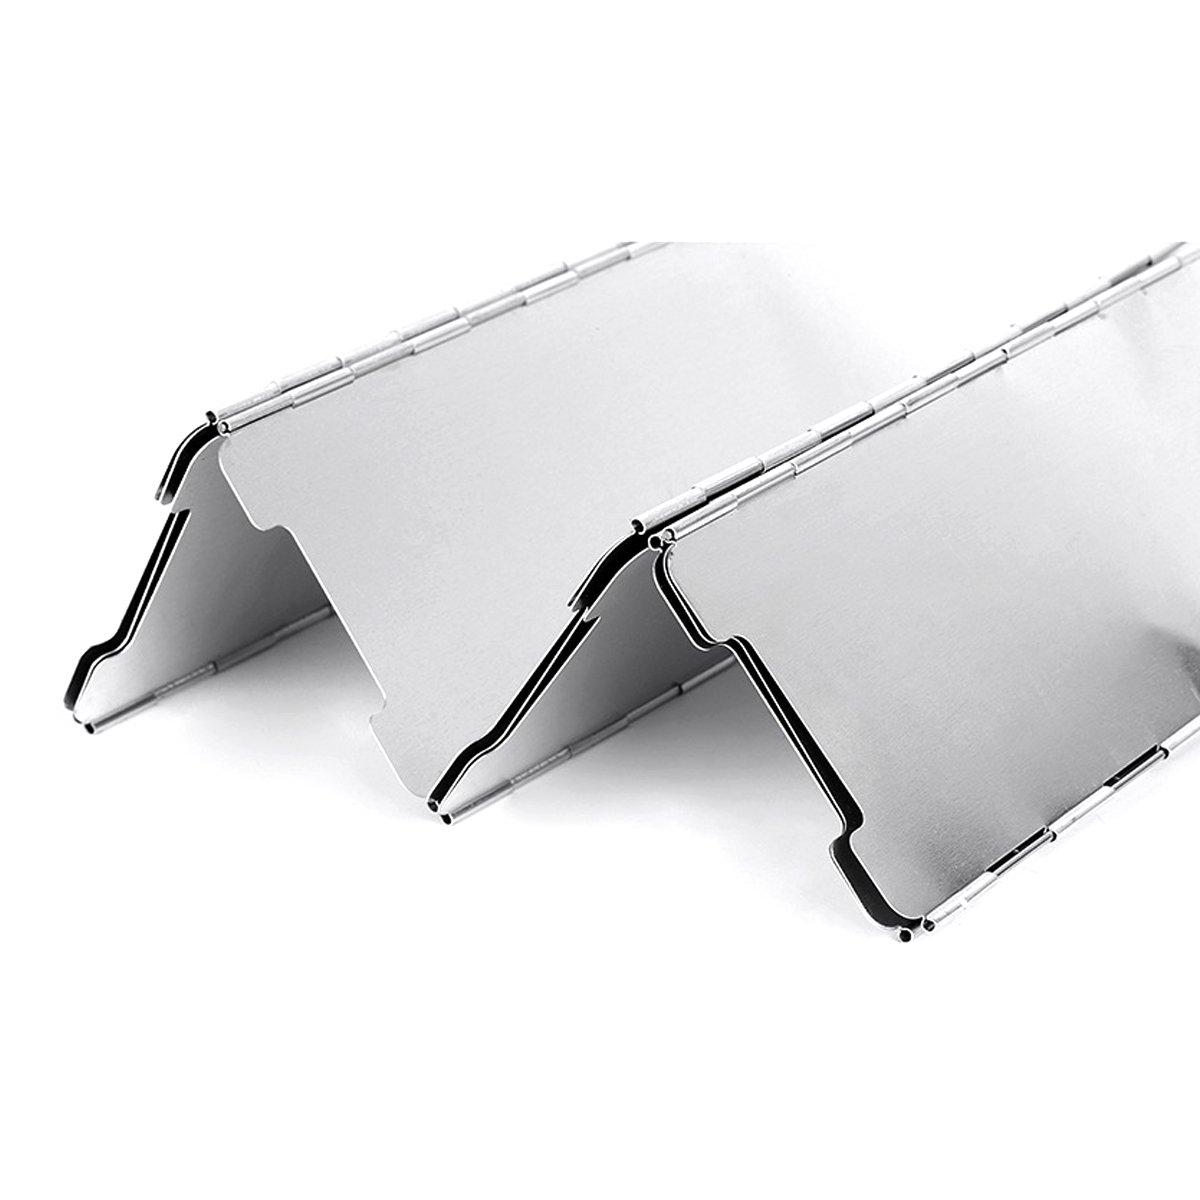 Gas Picnic estufa viento protector de escudo jiele aleaci/ón de aluminio viento pantallas plegable gas estufa viento Escudo ultraligero al aire libre cocina estufa 10/placas parabrisas